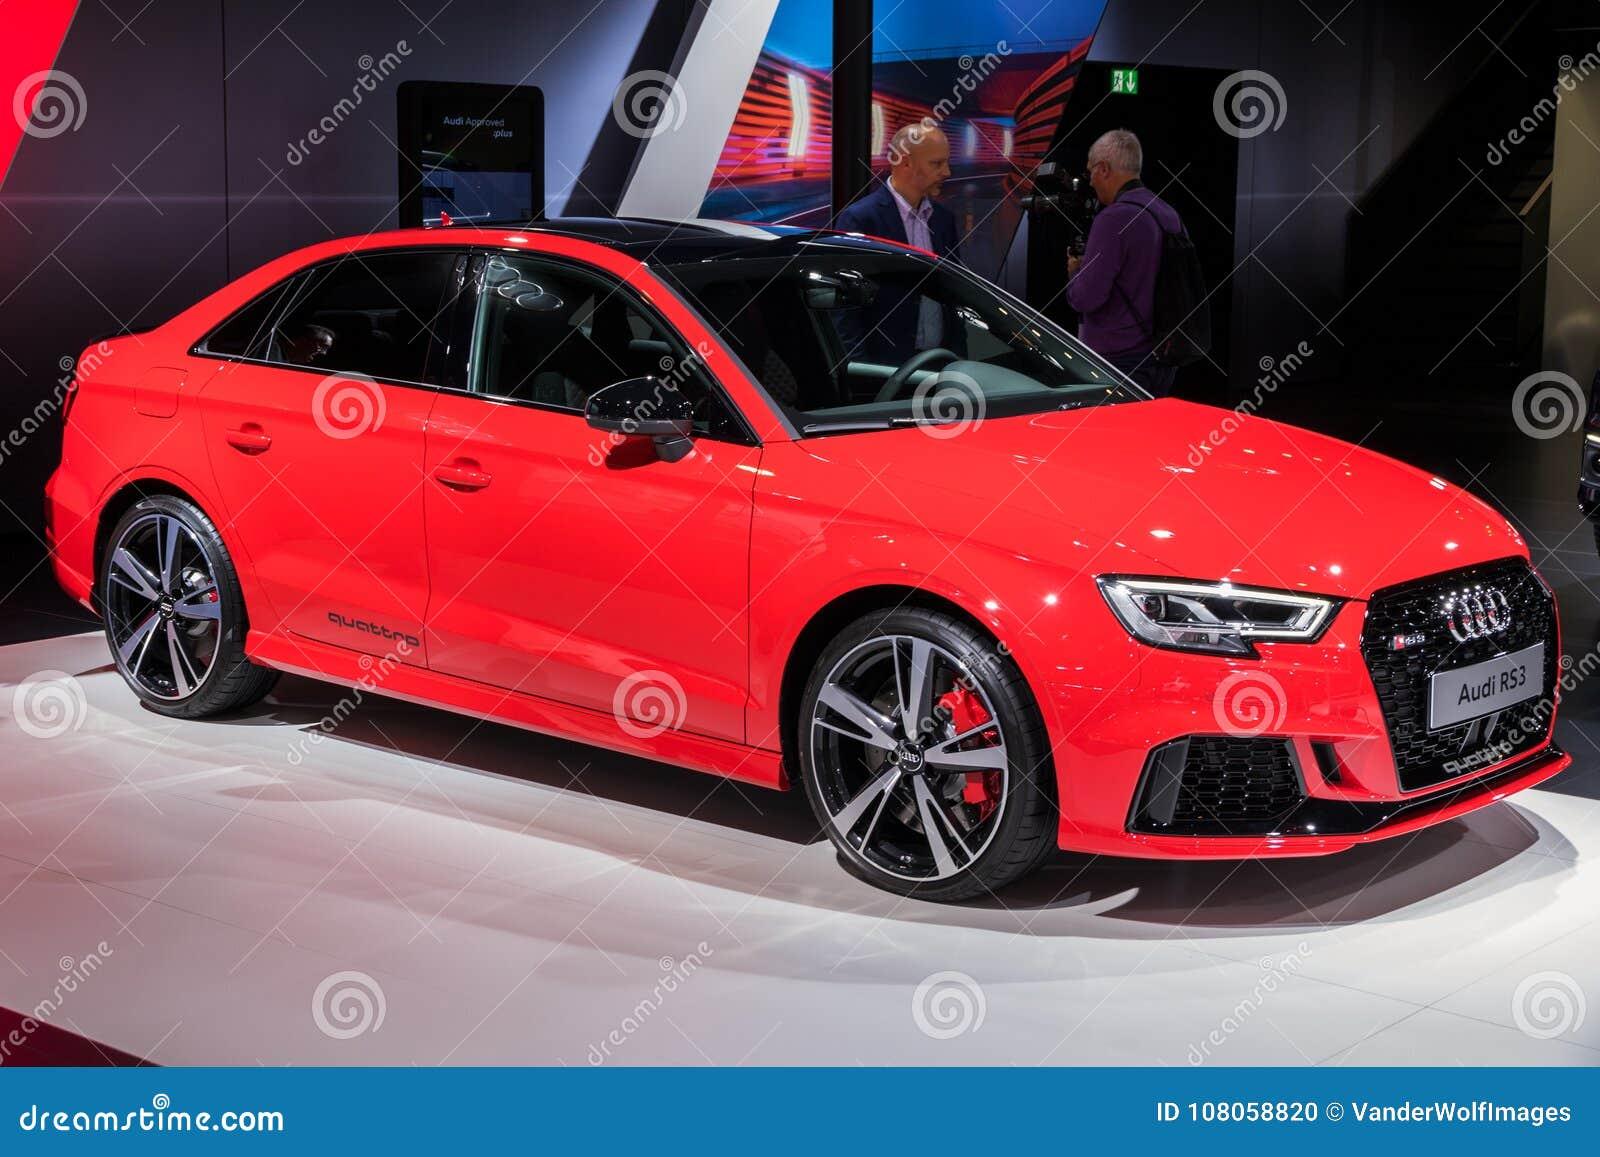 Automobile 2018 Della Berlina Di Audi Rs3 Immagine Editoriale